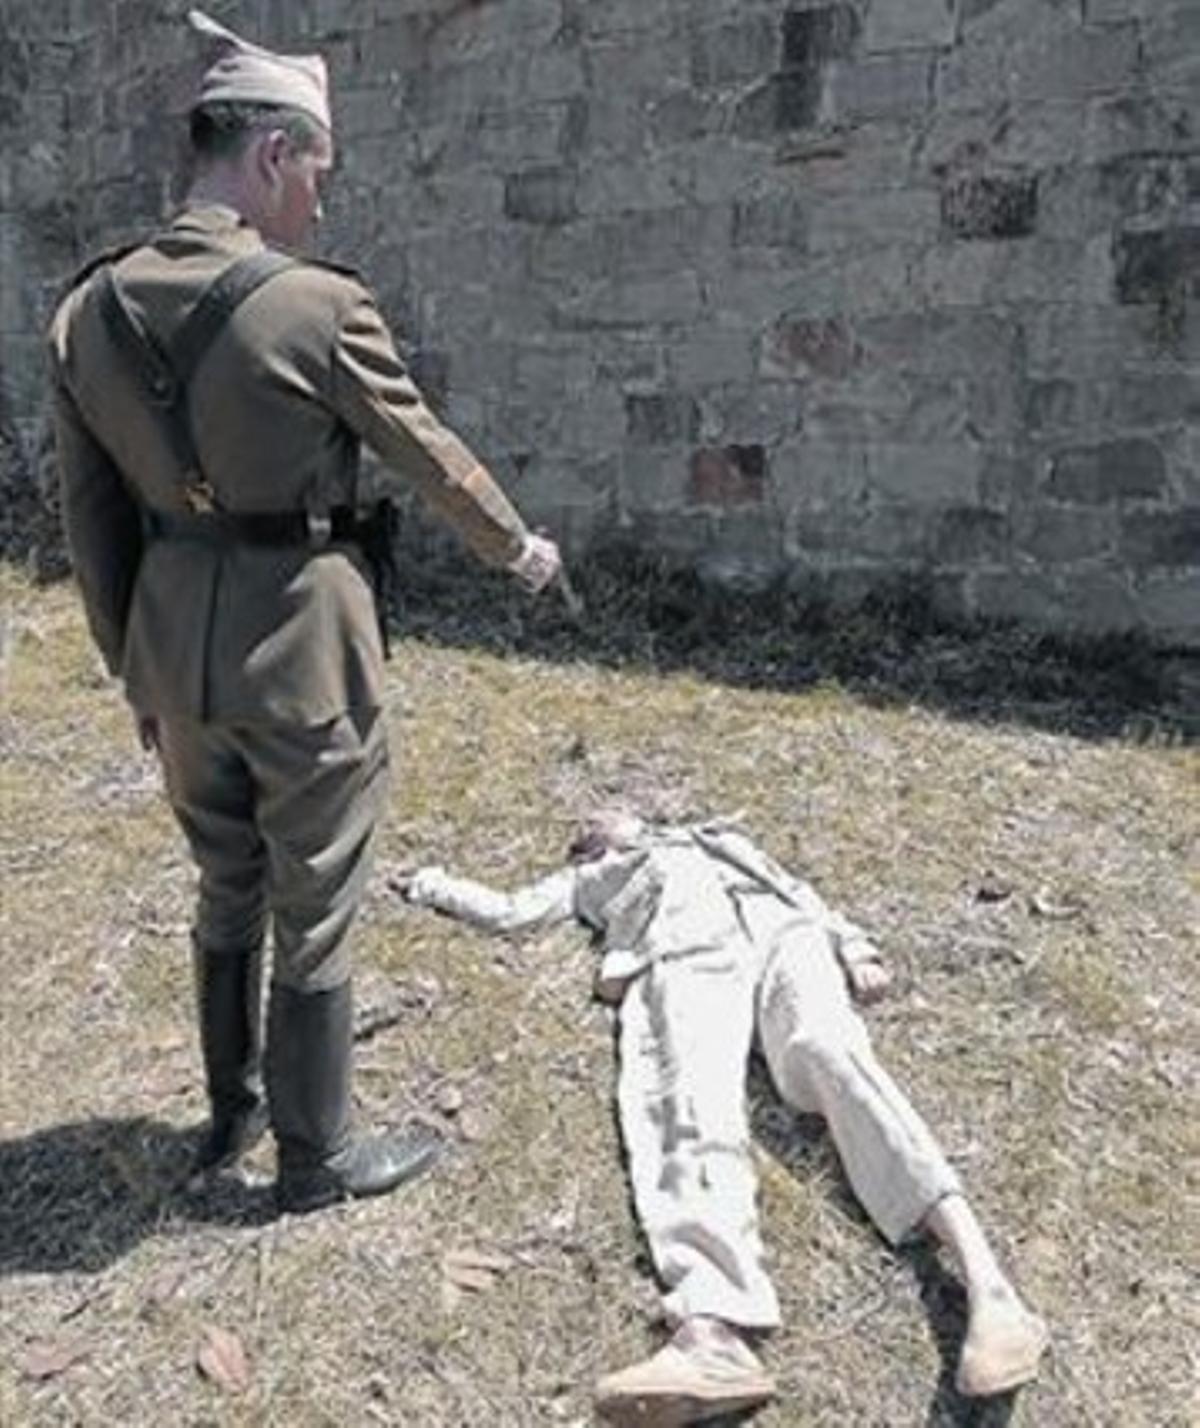 Companys, a quien da vida Carles Martínez, recibe los tiros de gracia.